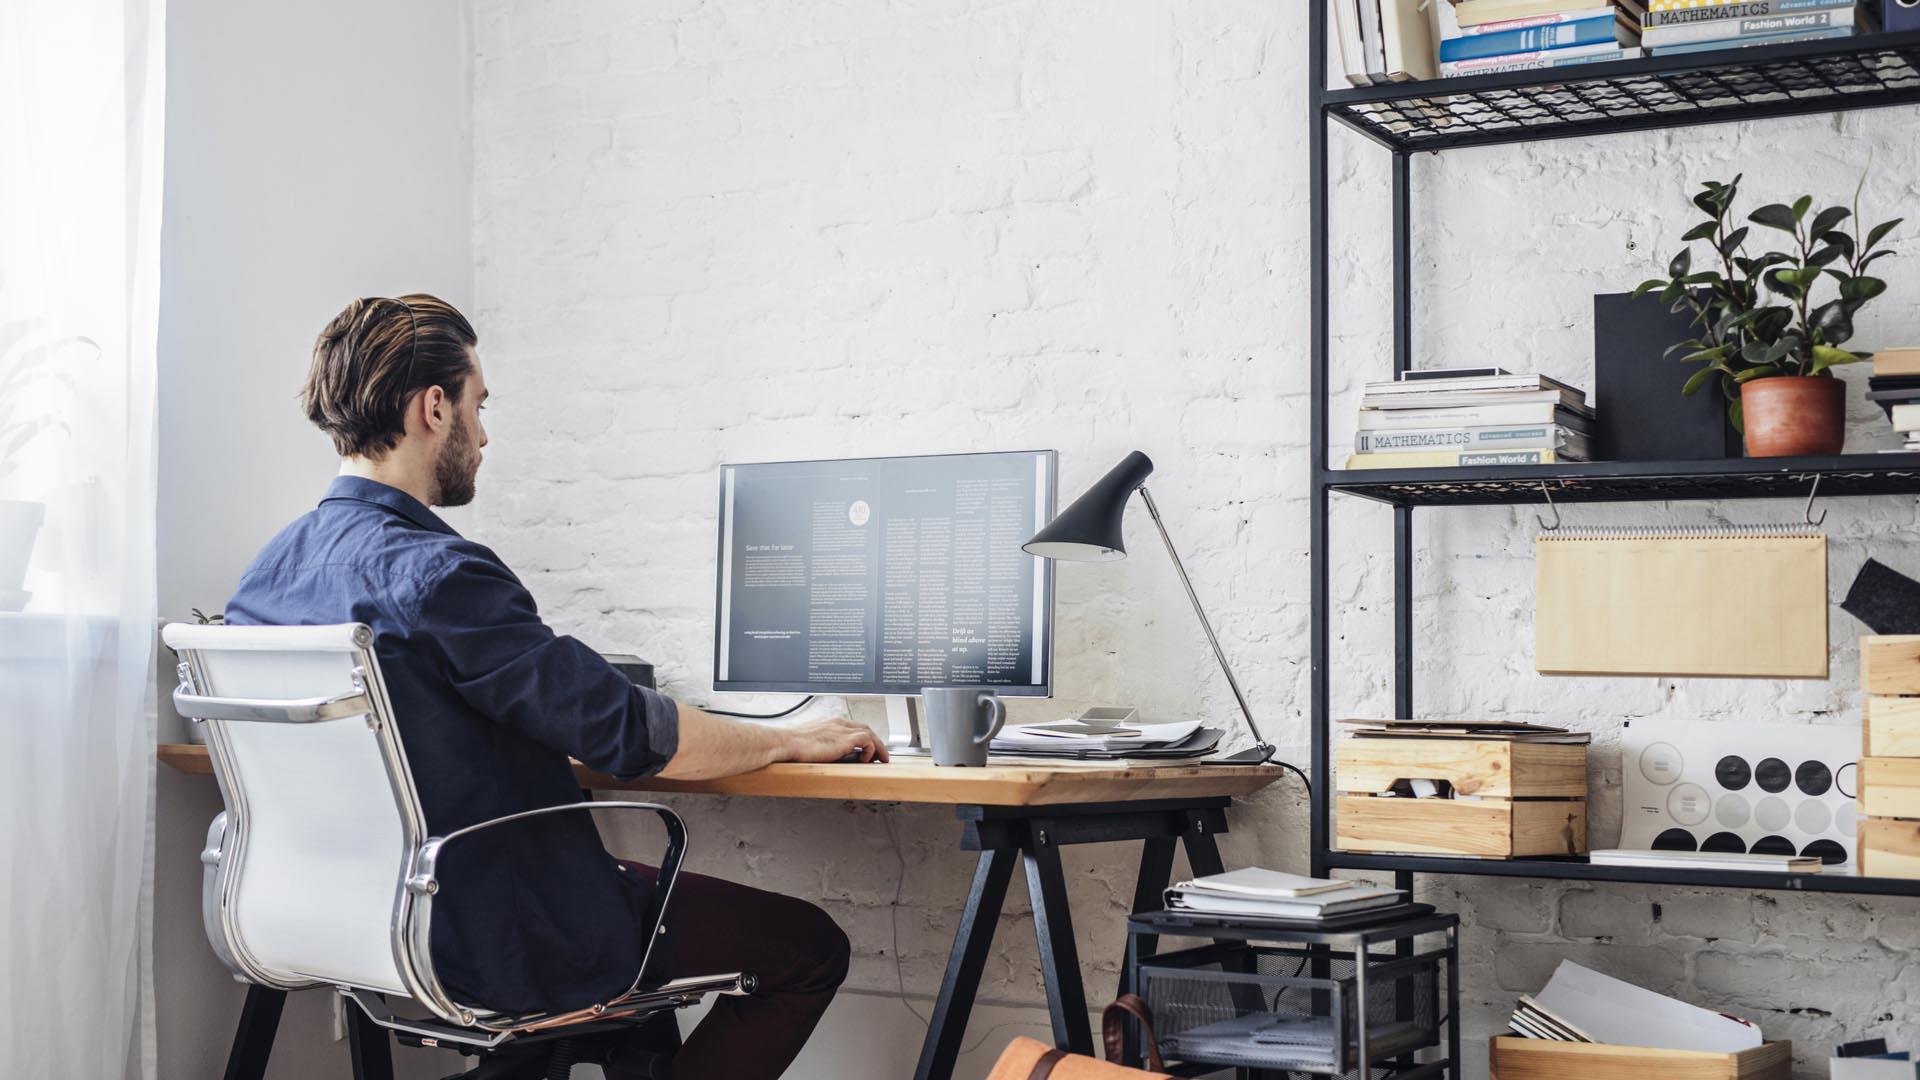 Le soluzioni digitali per gestire al meglio il business da remoto - Digital4